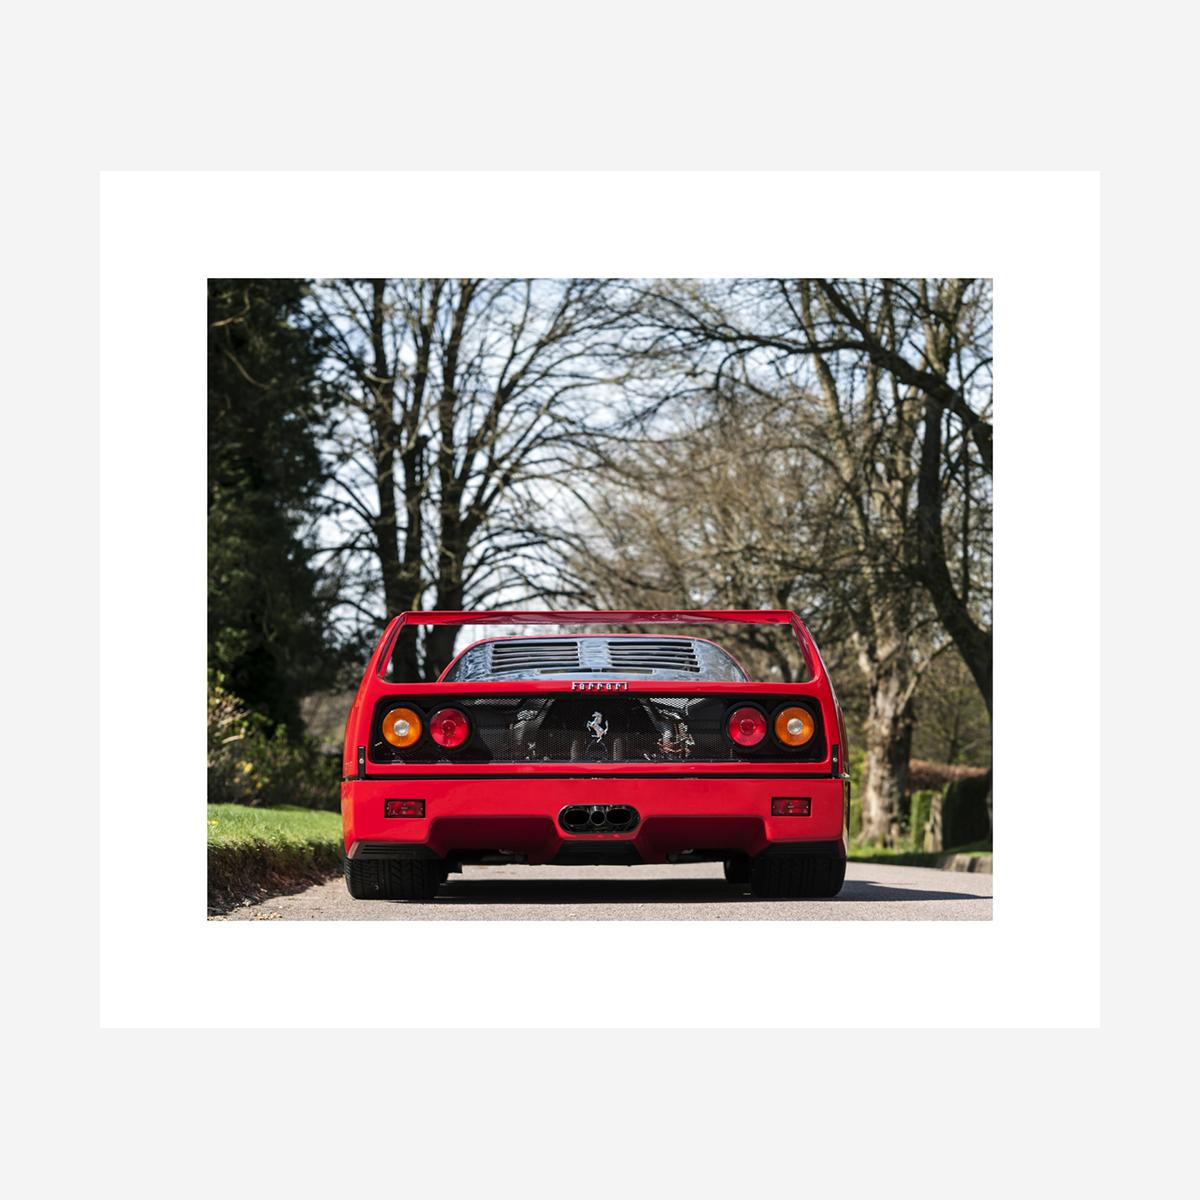 Ferrari F40 - 28x24.jpg